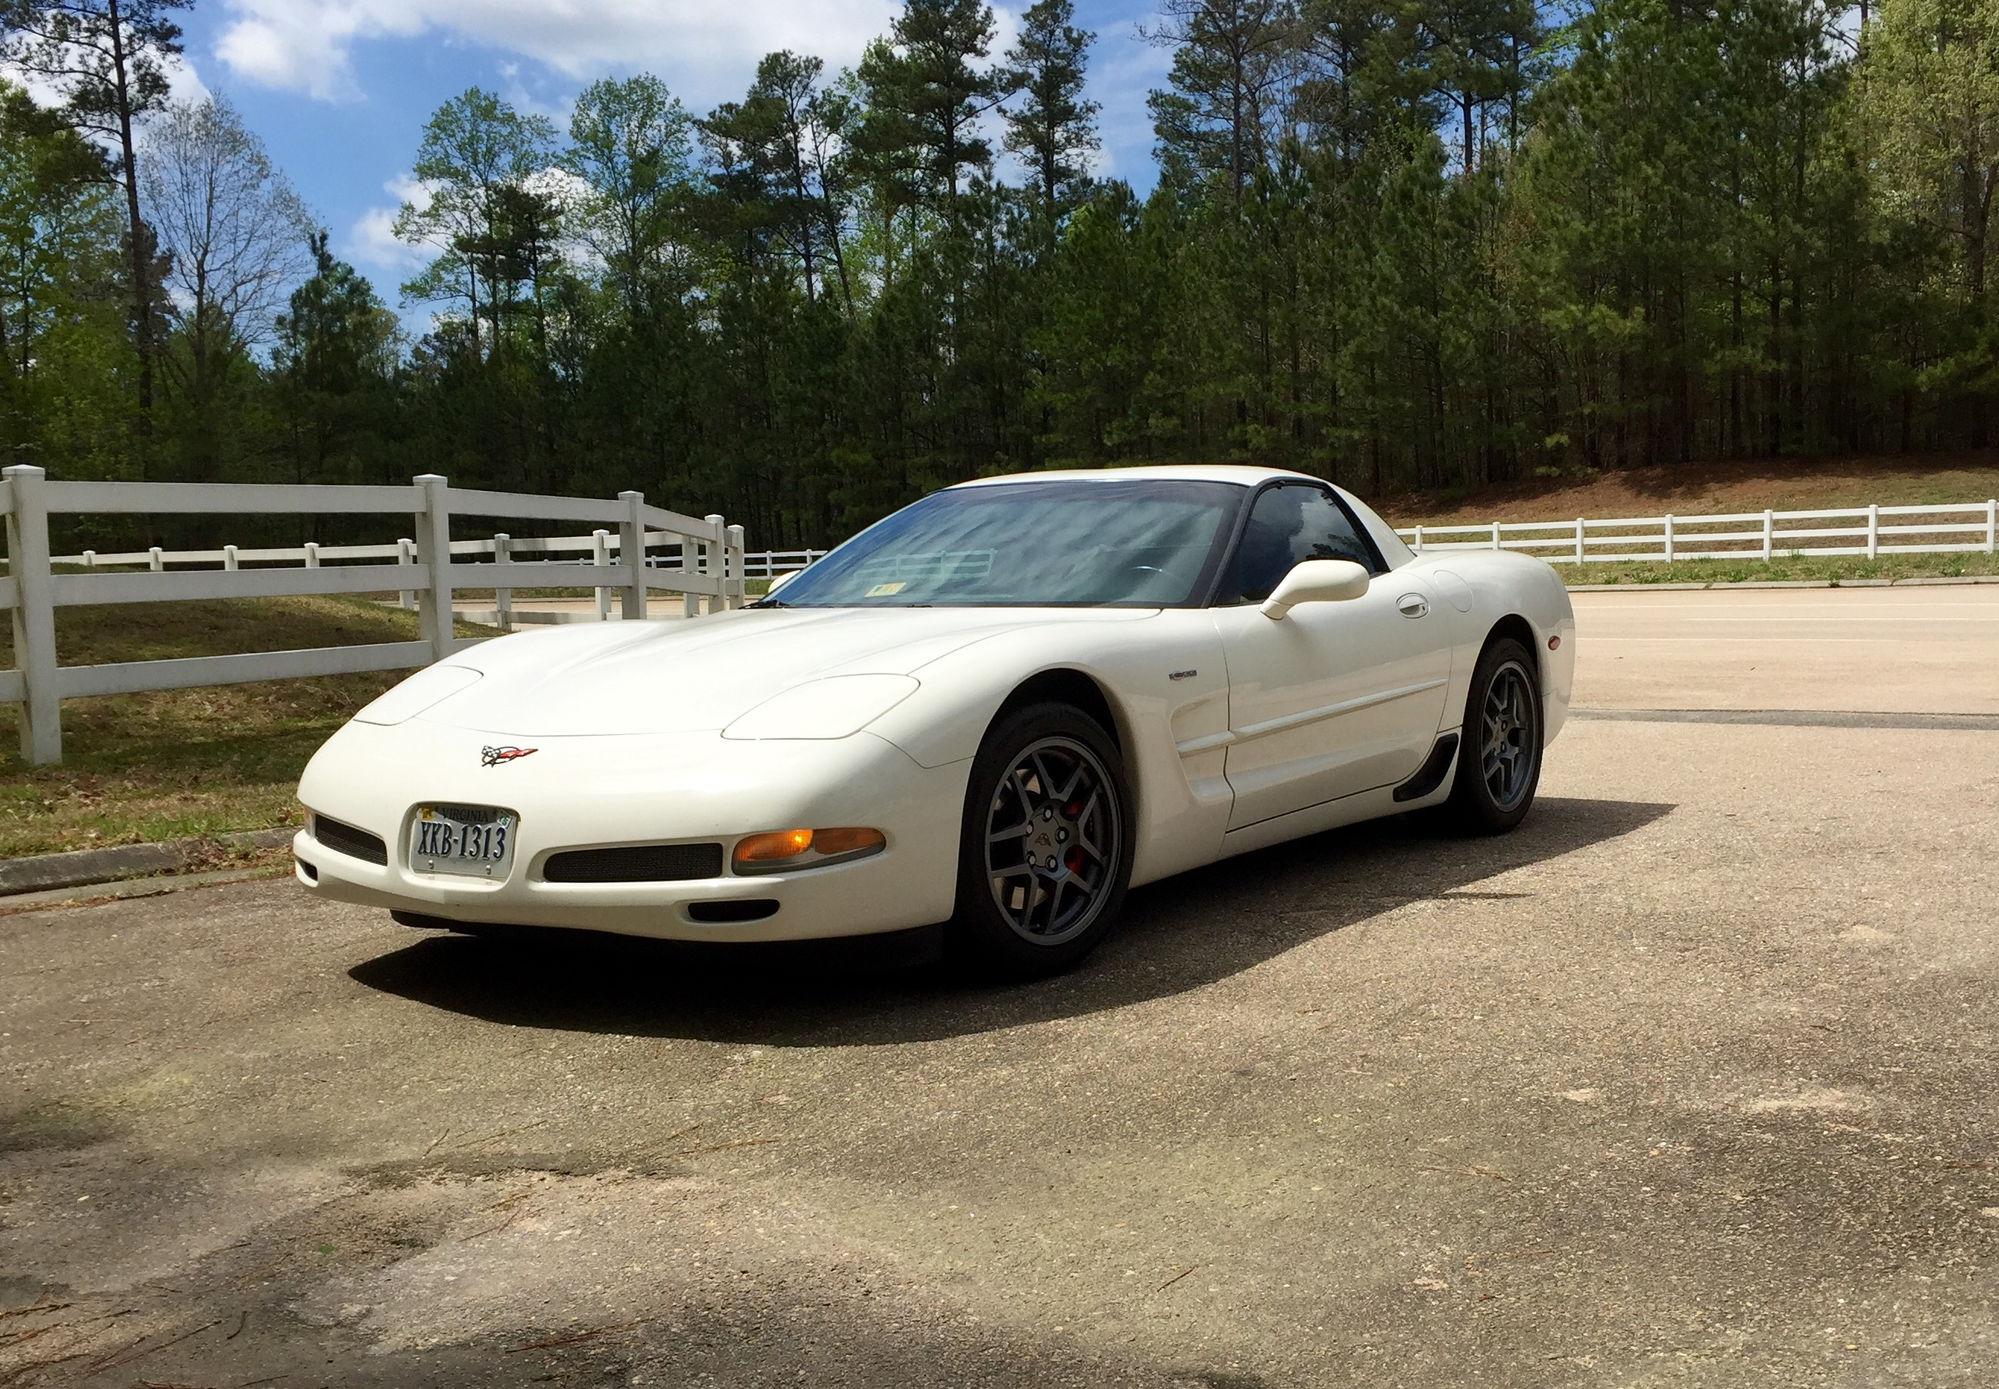 2001 Sw Speedway White Z06 Mod Red Richmond Va